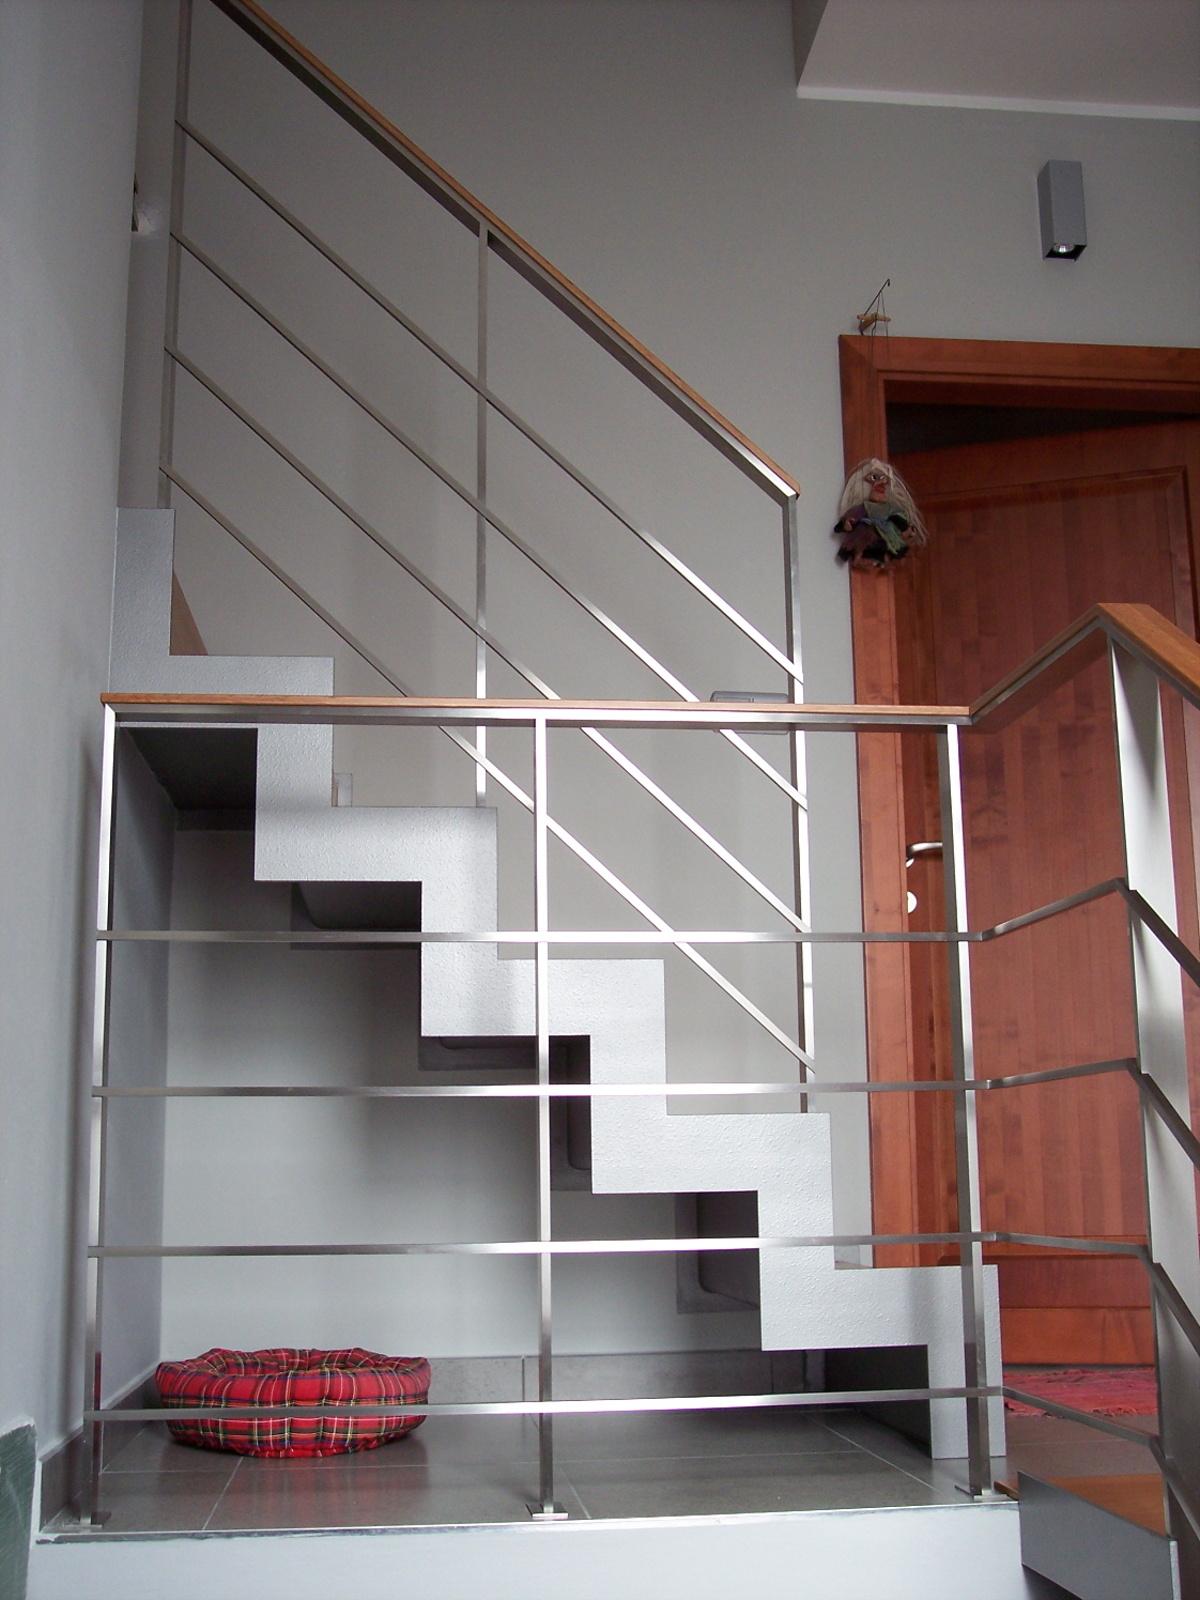 Rodinný dům Praha 4 - rekonstrukce